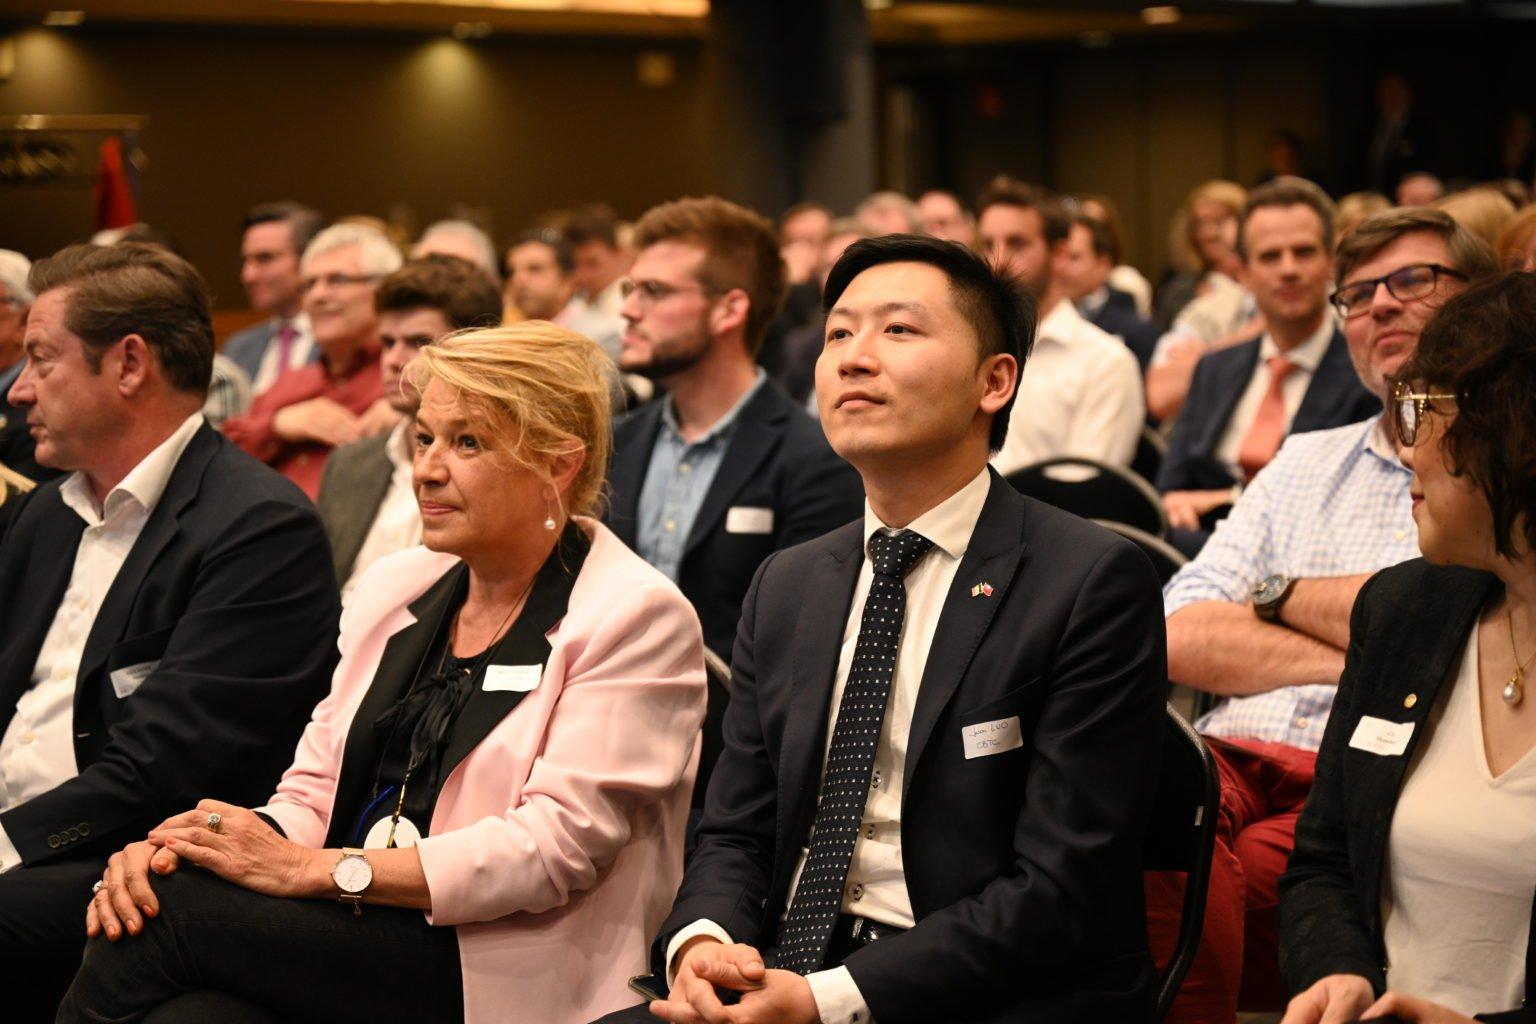 Mr Jason Luo (CBTC), Conférence à propos du CBTC, par le Rotary Club de Louvain-La-Neuve